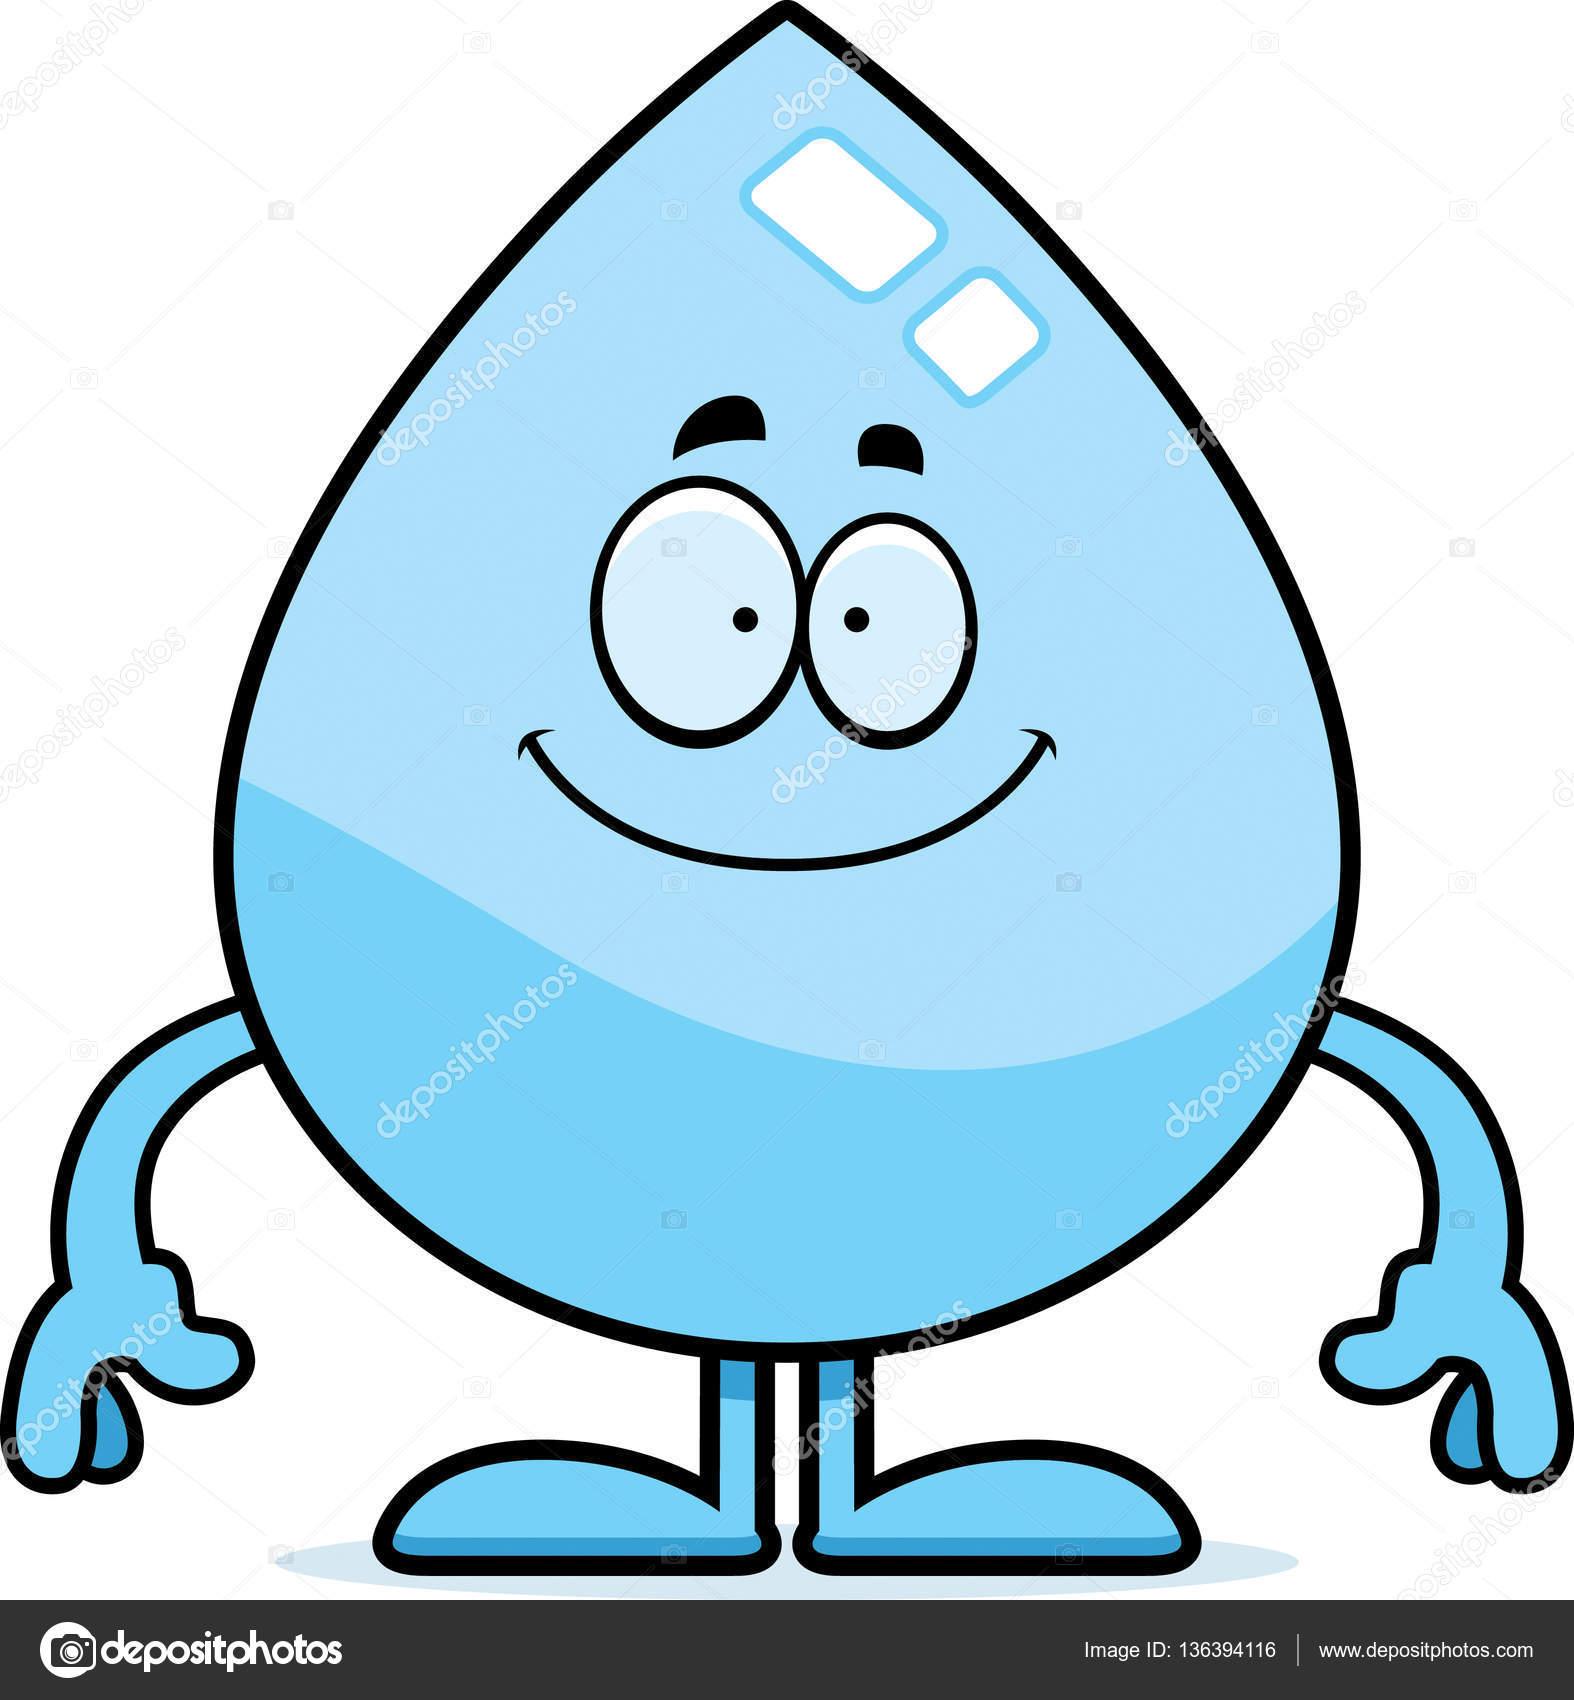 Gota de agua de dibujos animados feliz archivo im genes for Fondos animados de agua